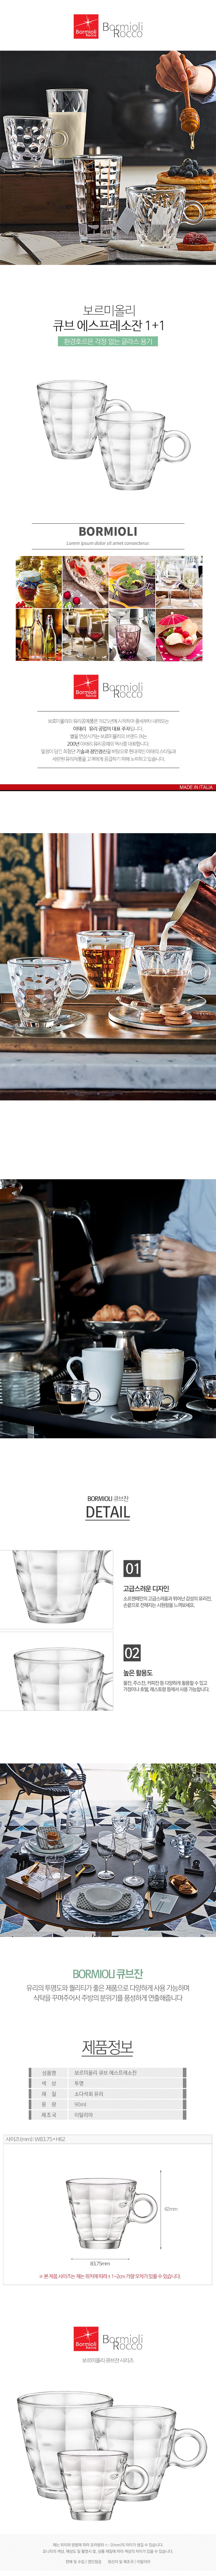 큐브 에스프레소 90ml 1+1 - 보르미올리로코, 11,300원, 커피잔/찻잔, 커피잔/찻잔